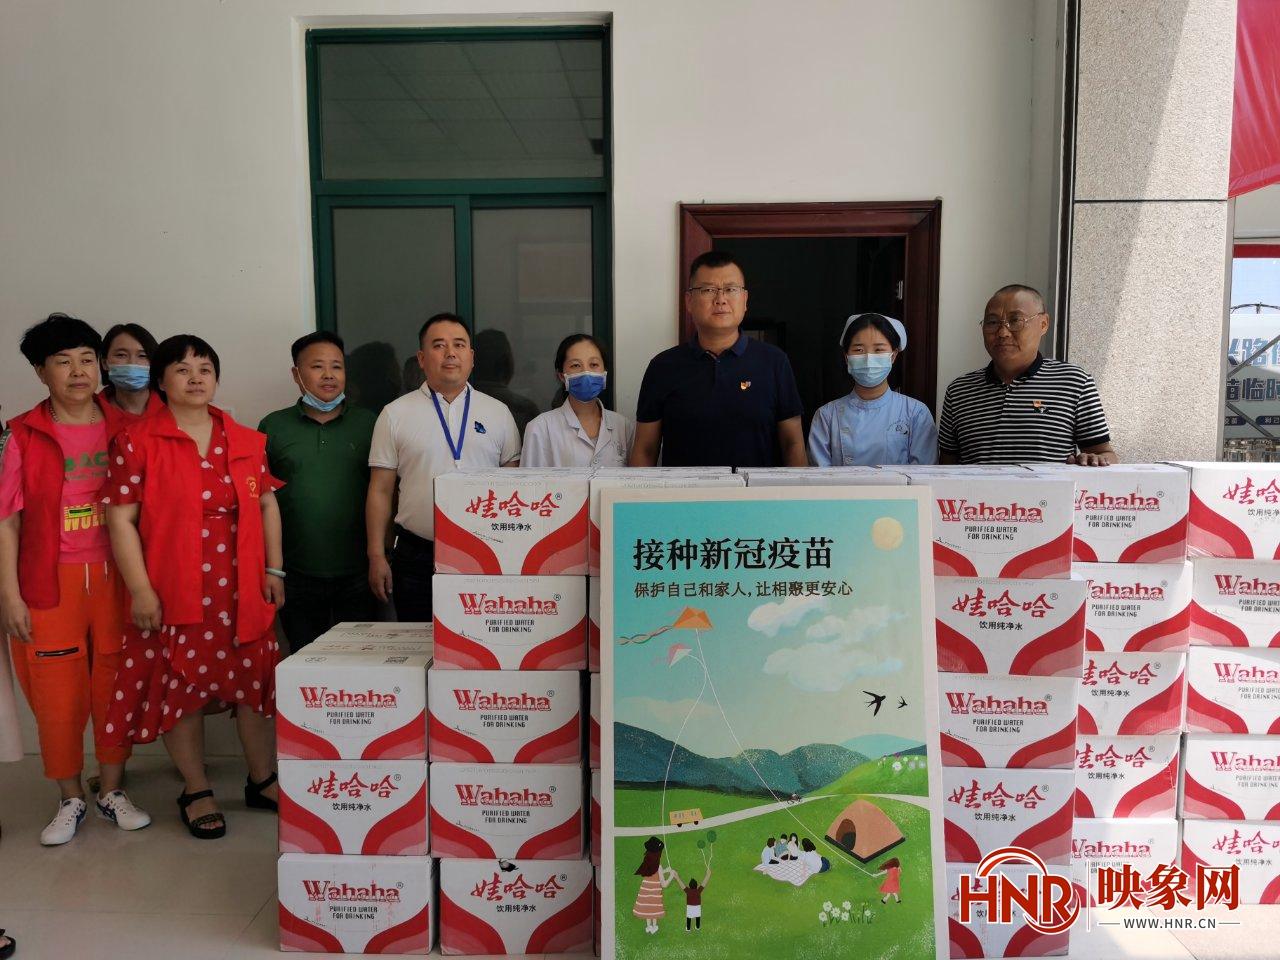 郑州一老党员抗疫时捐10万元 为支持疫苗接种又捐400箱纯净水